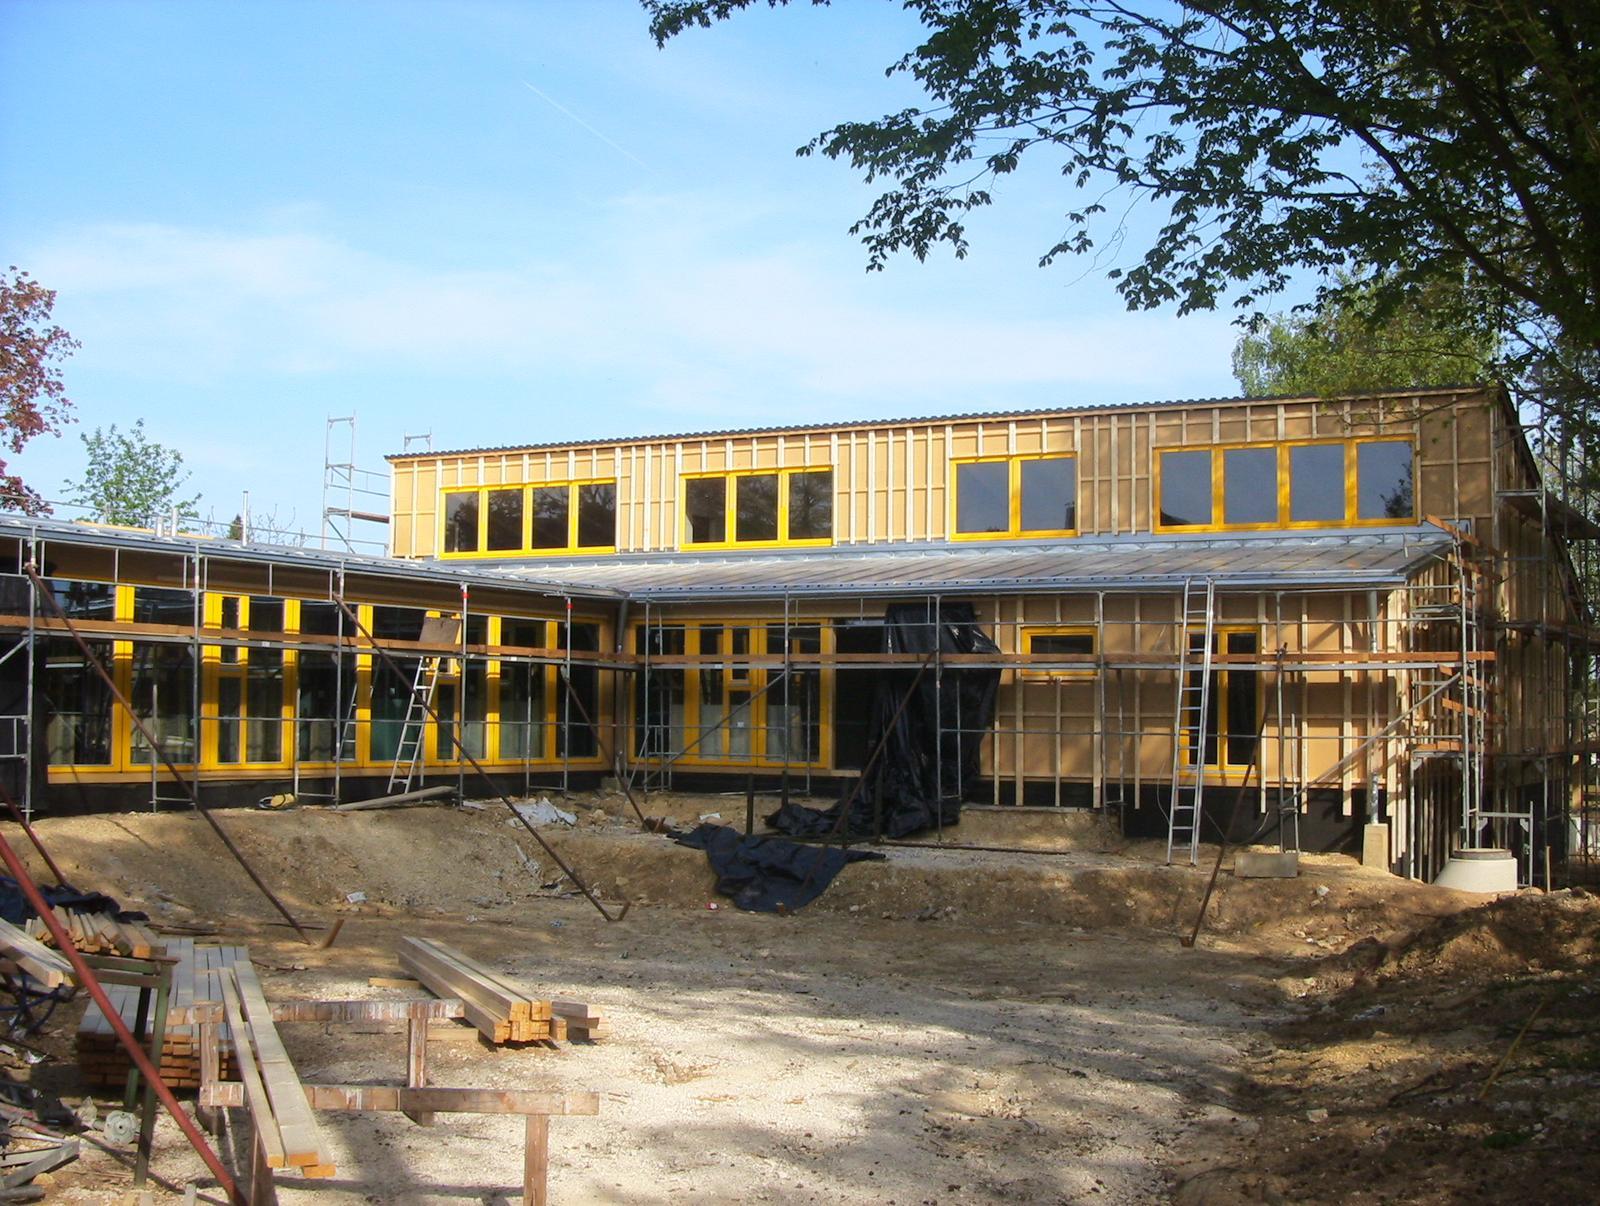 MATERSKÁ ŠKOLA - nízkoenergetická stavba - Bol kladený veľký dôraz na ekologickosť stavby !